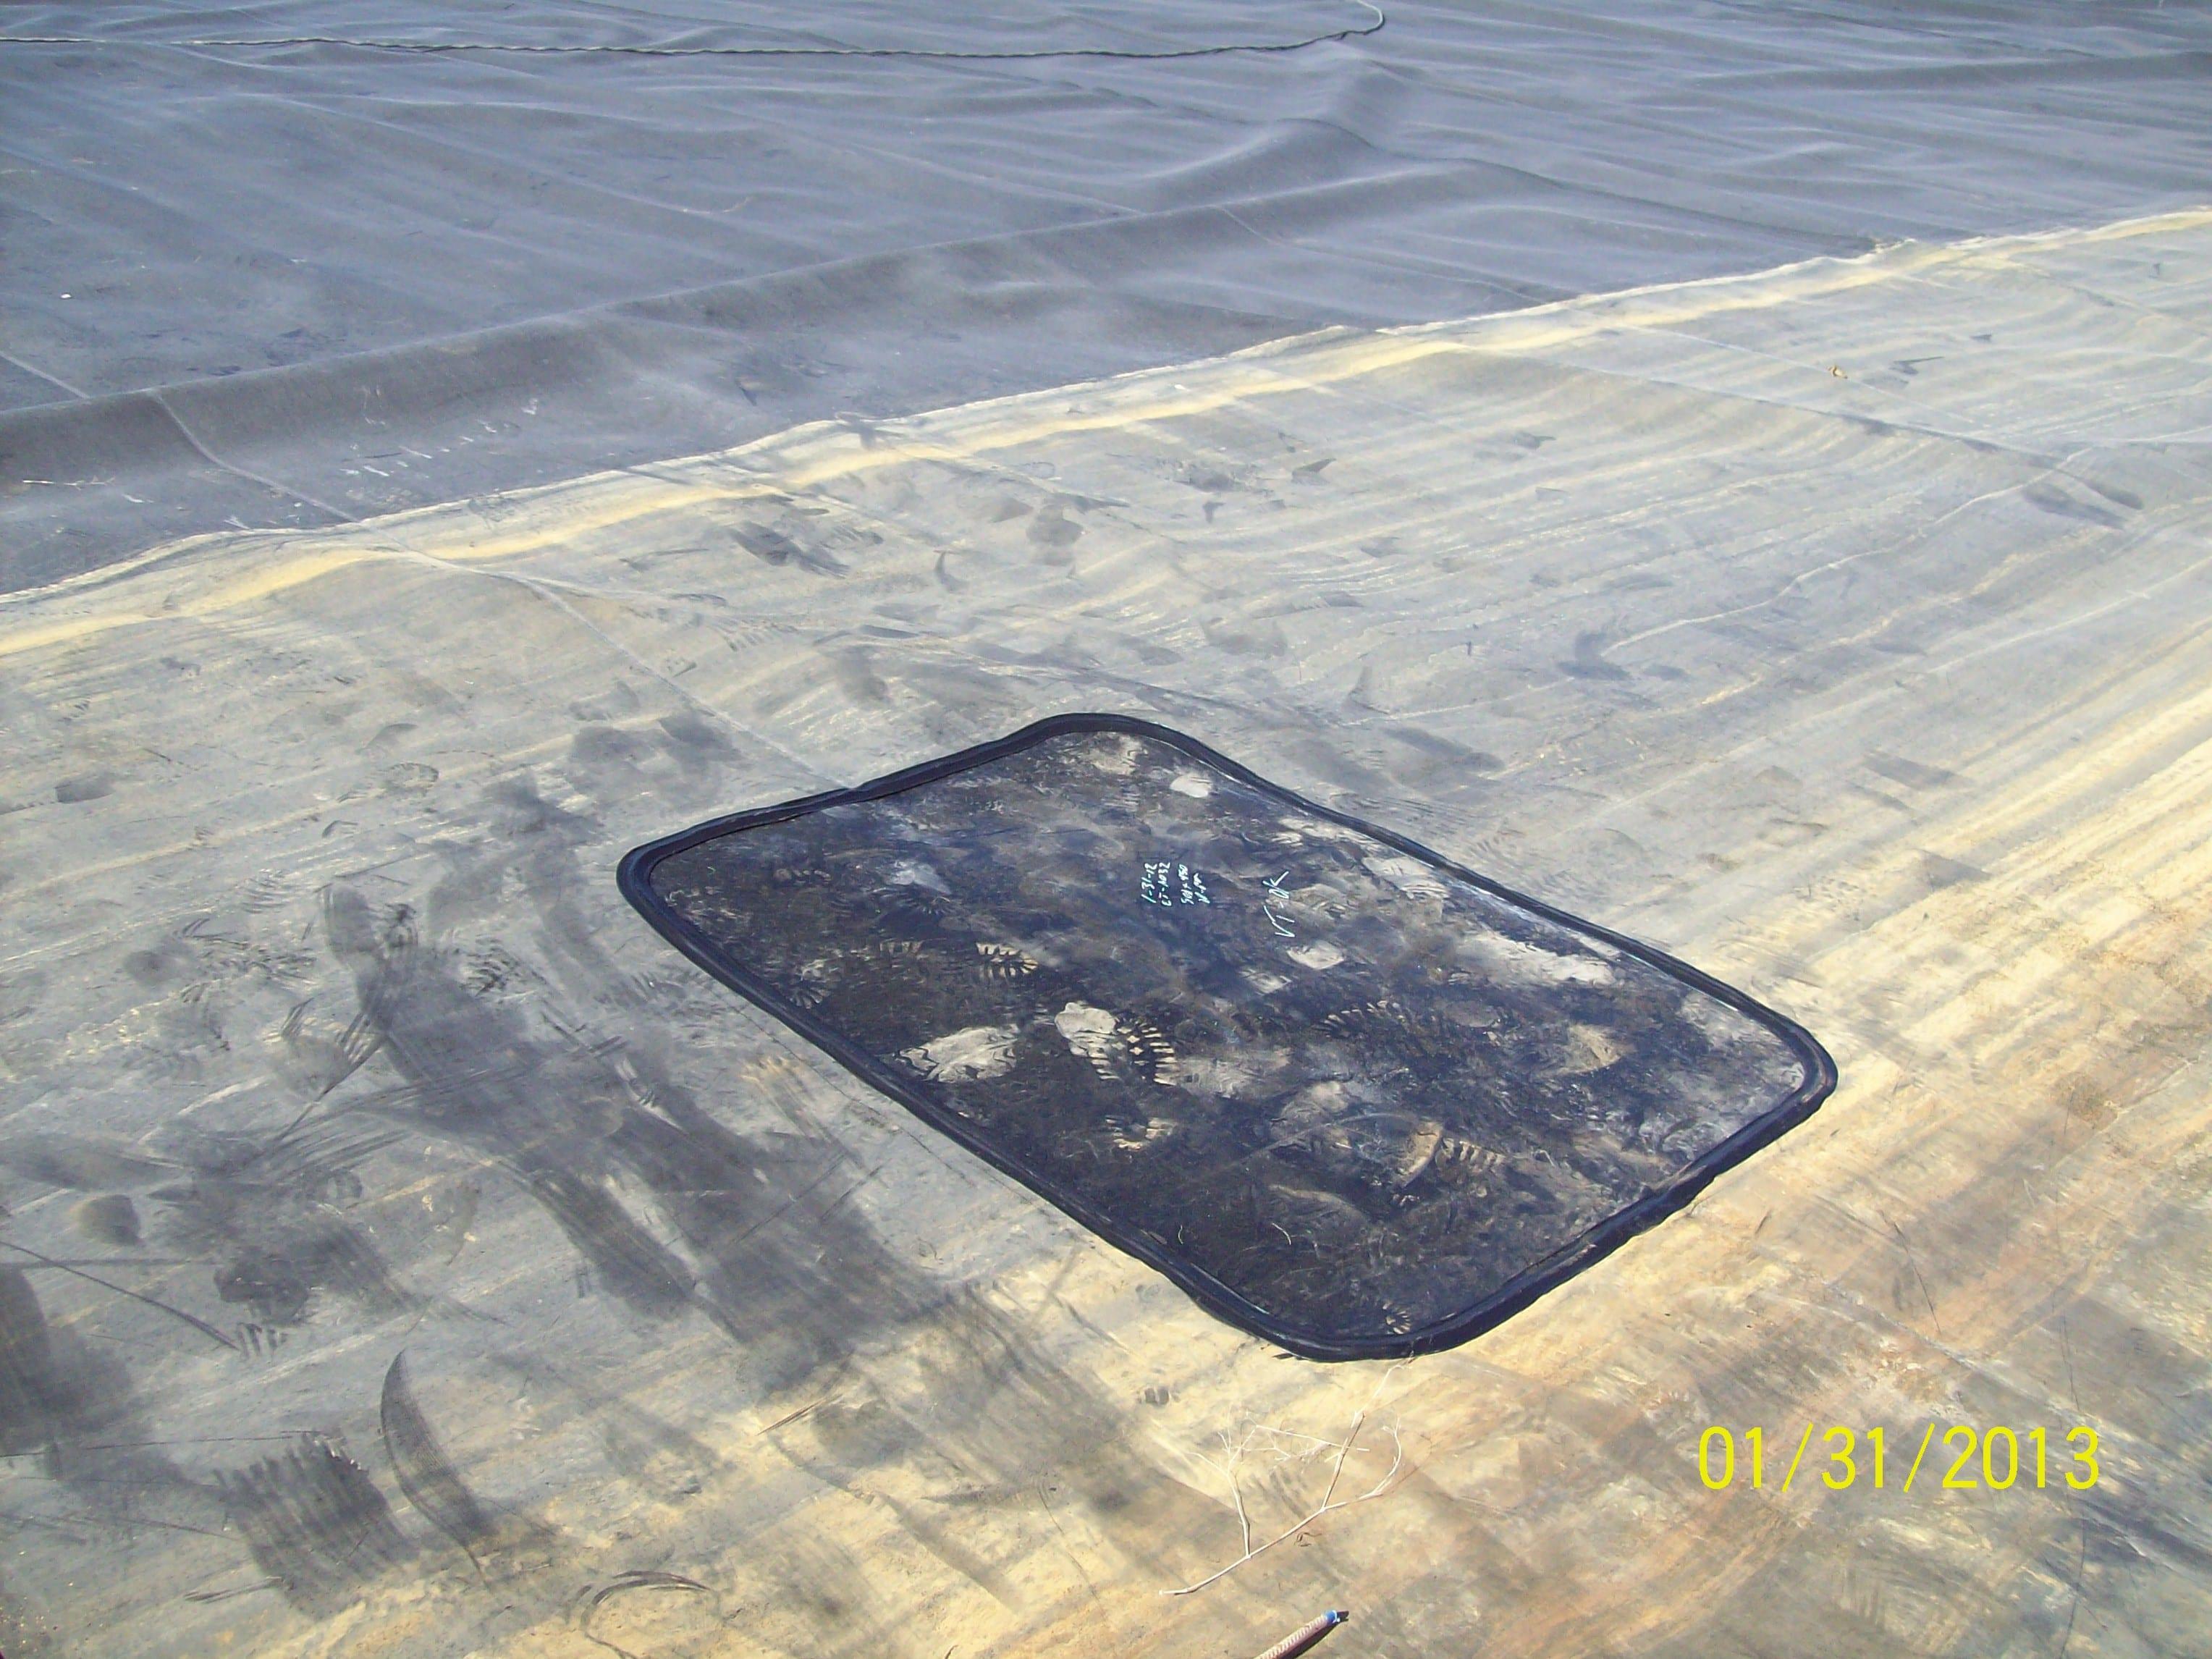 Bagdad_flood_basin_1-31-13_047